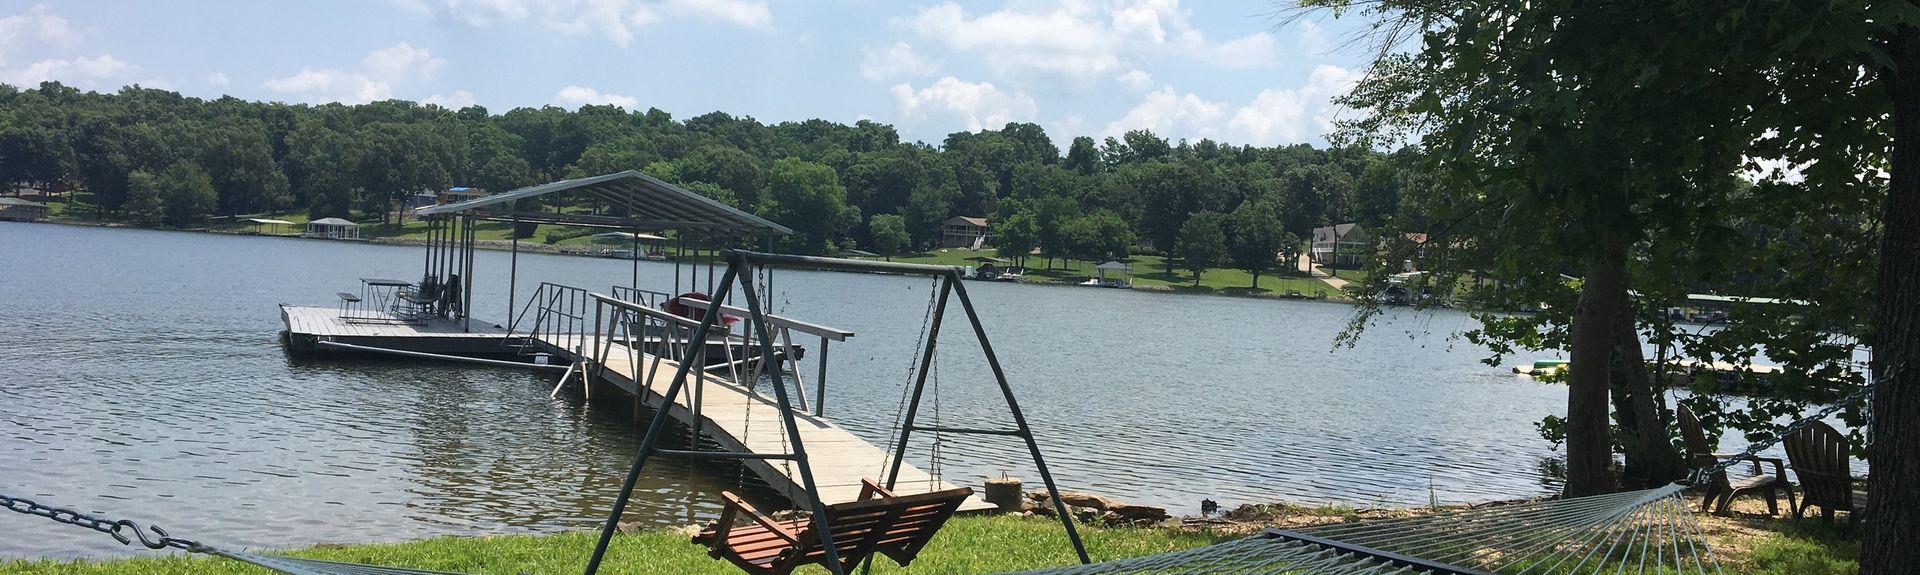 Puerto deportivo del embalse de Kentucky, Gilbertsville, Kentucky, Estados Unidos